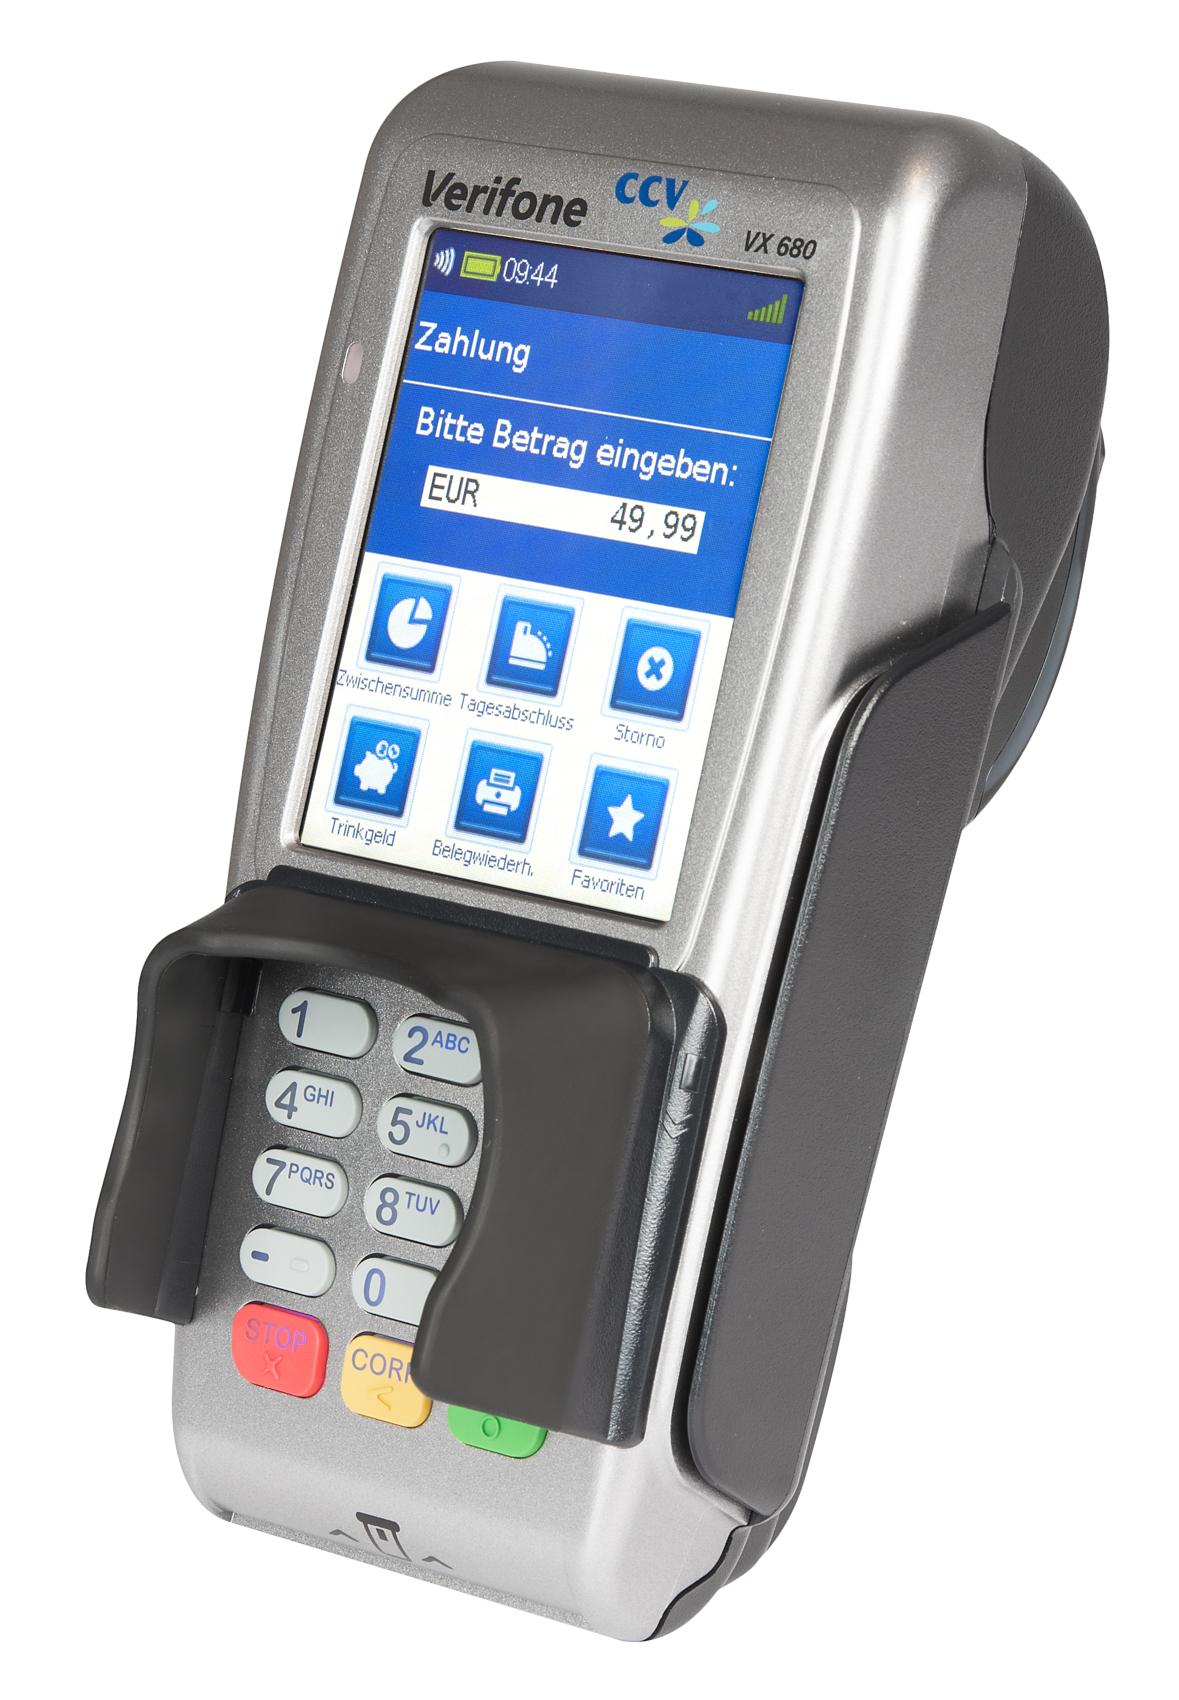 vx680-mobile-wlan-ccv-seitlich-1-cardsol.jpg